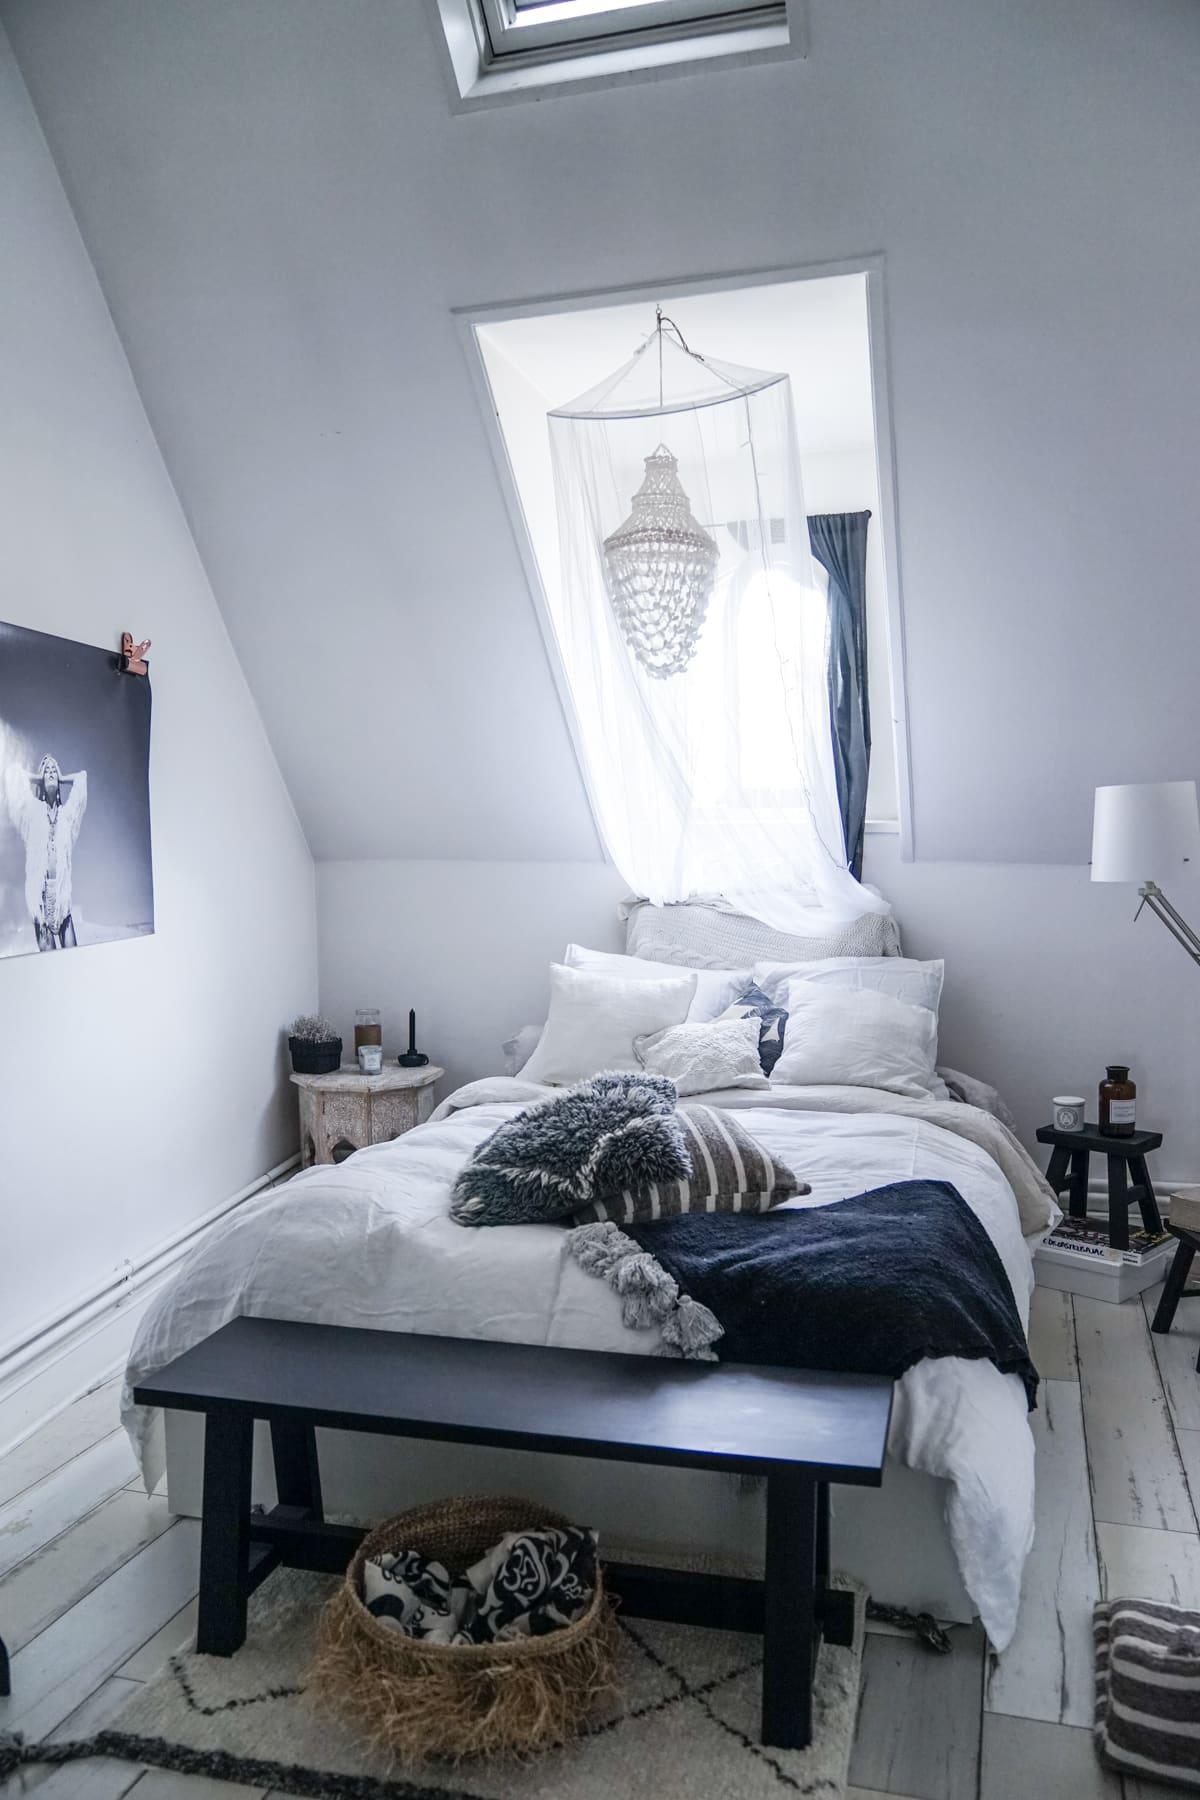 Idee Deco Chambre Claire deco chambre & diy - n o h o l i t a